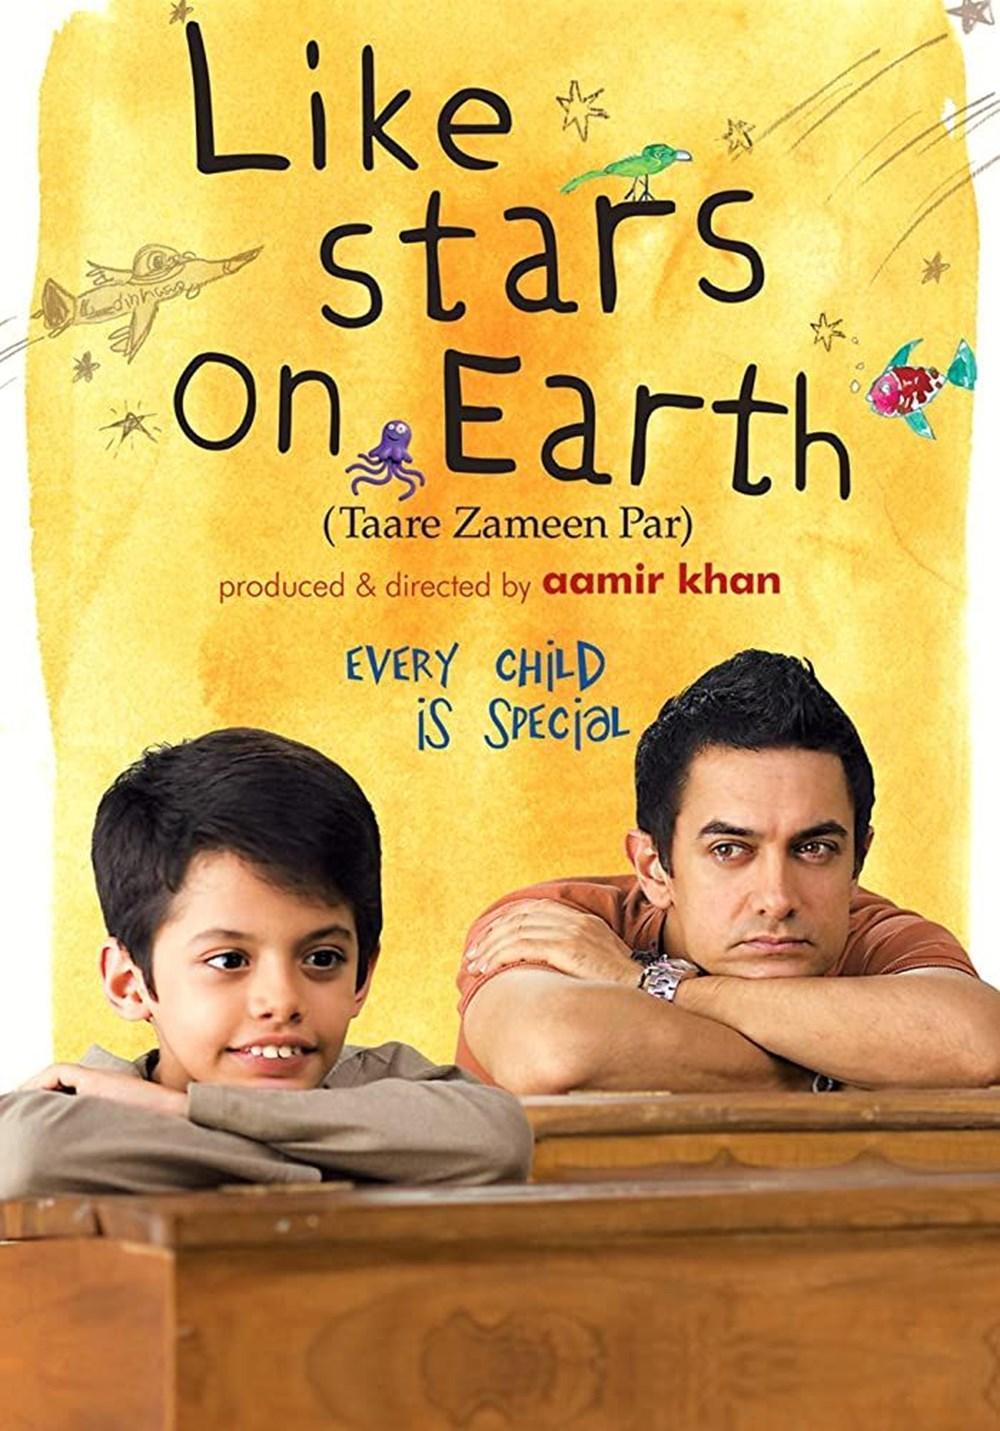 En iyi Aamir Khan filmleri (Aamir Khan'ın izlenmesi gereken filmleri) - 27